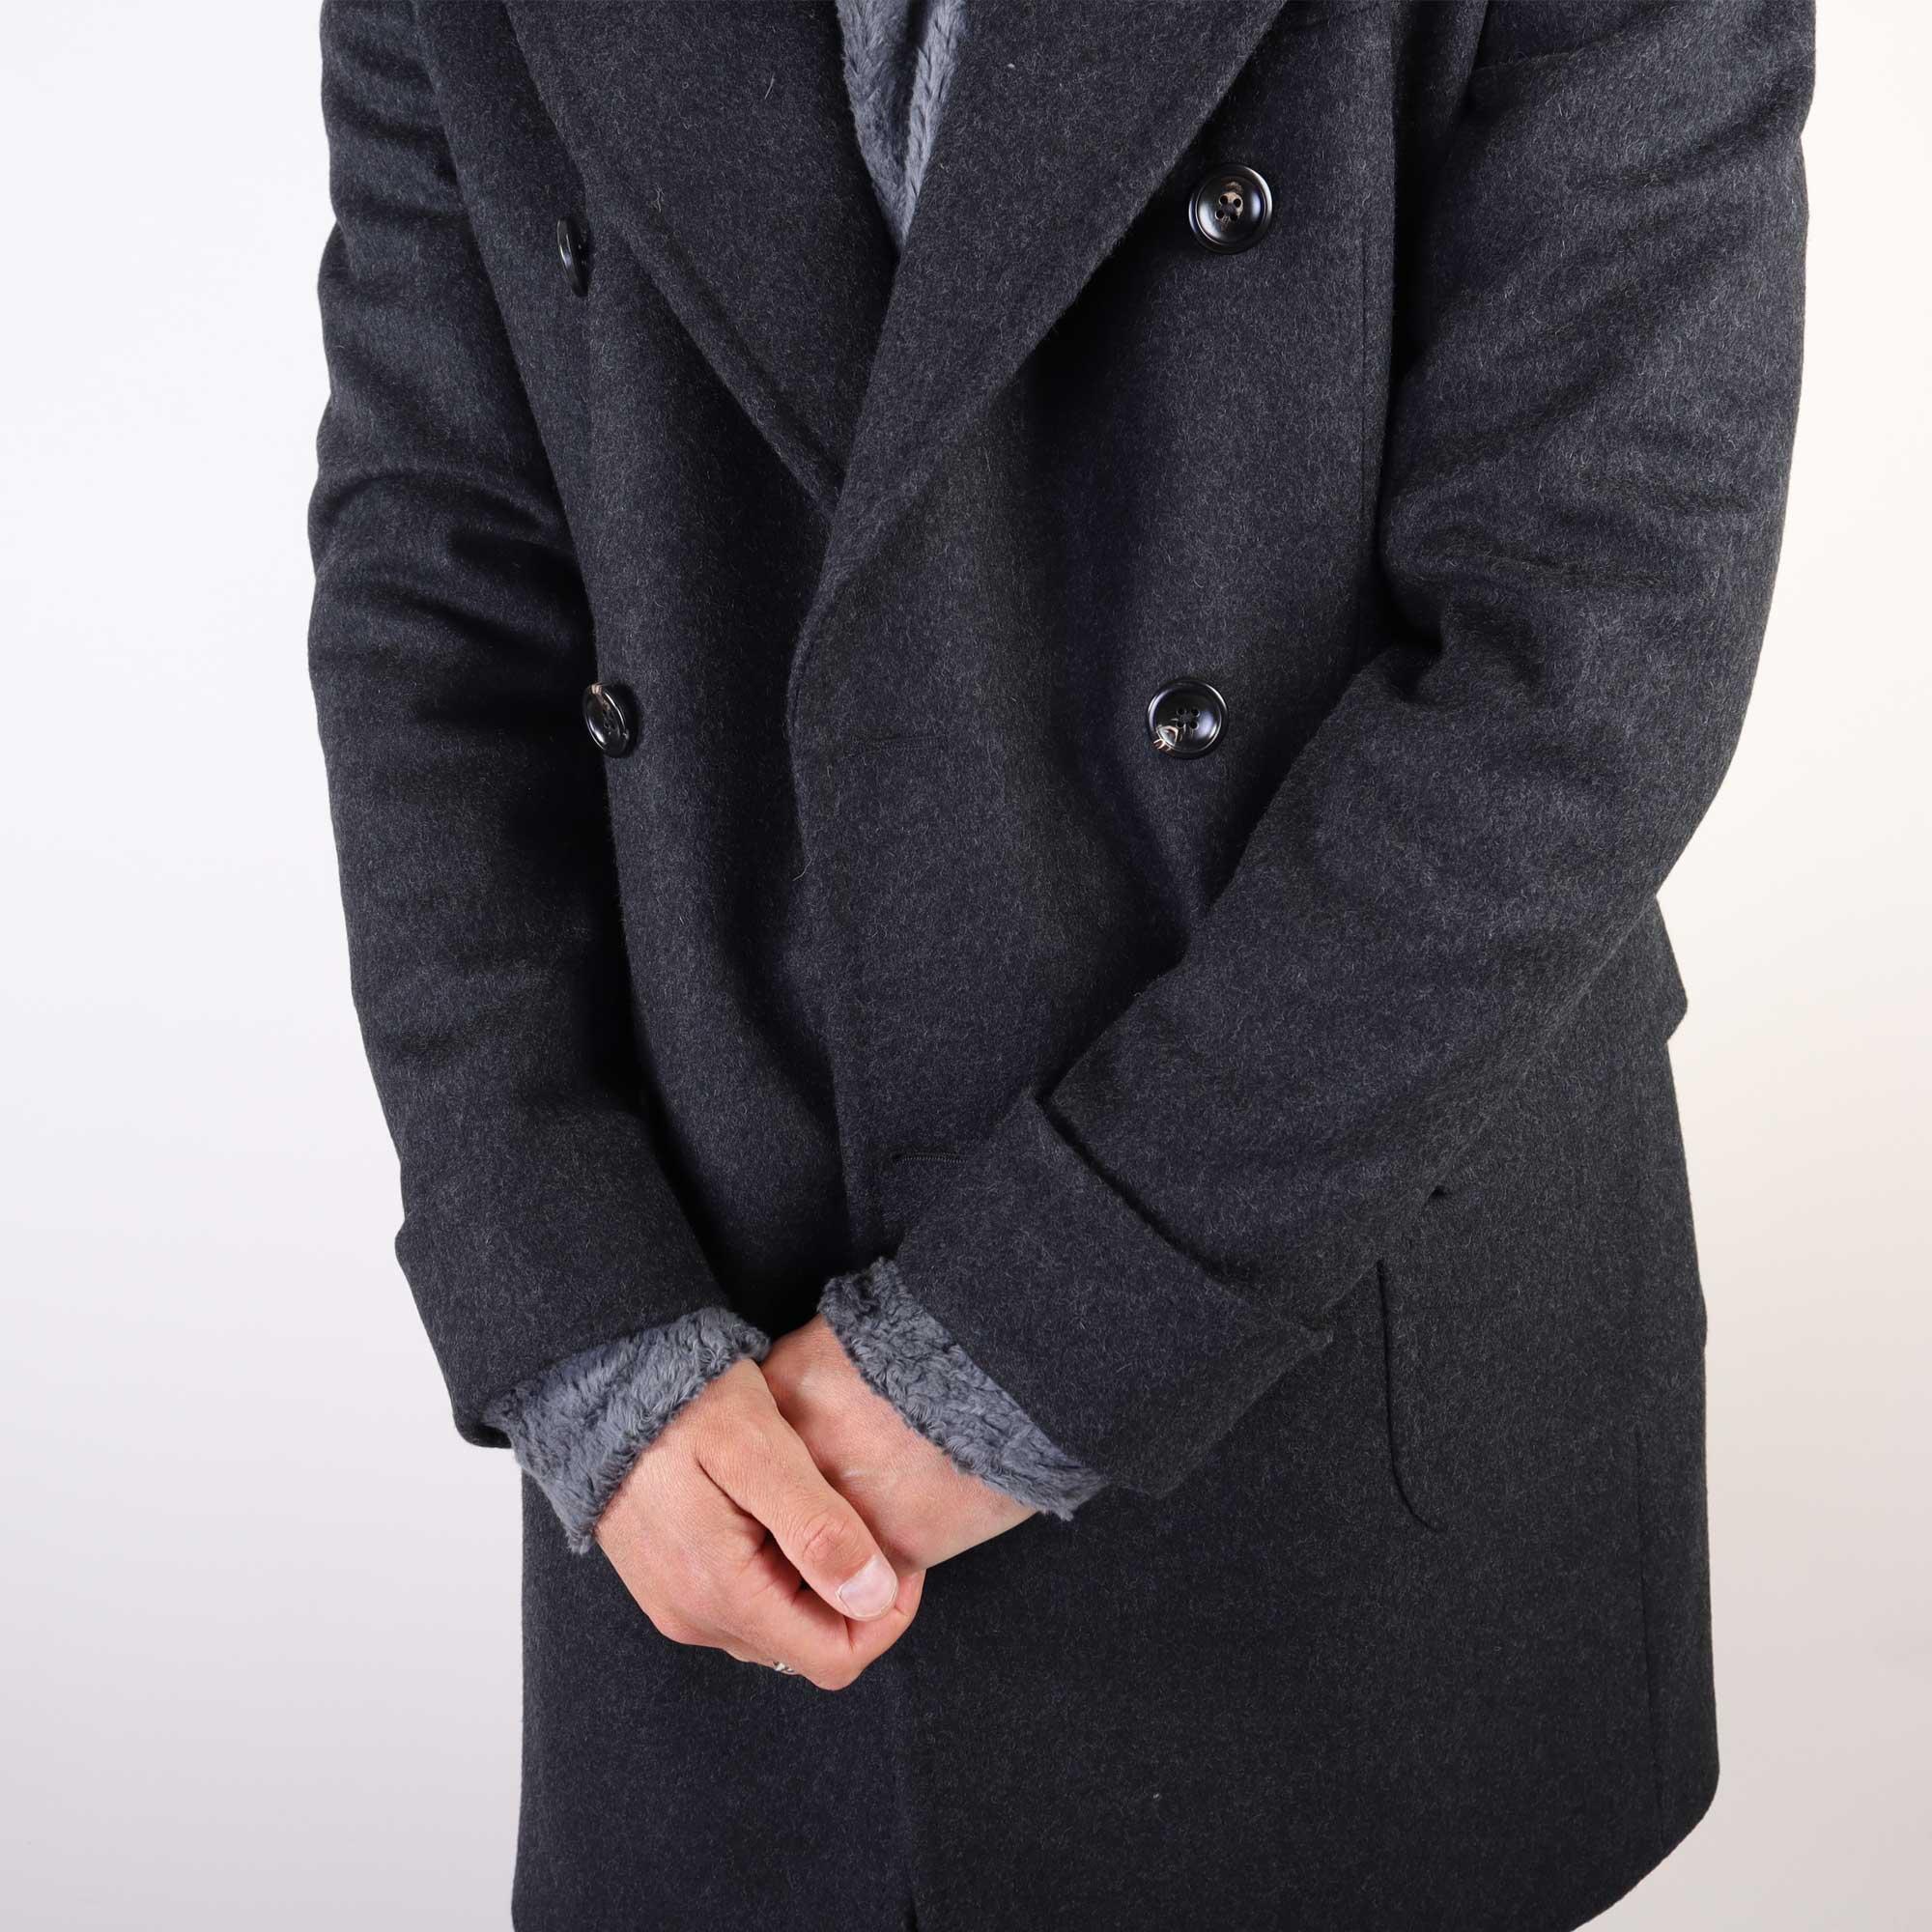 overcoat-donkergrijs-1